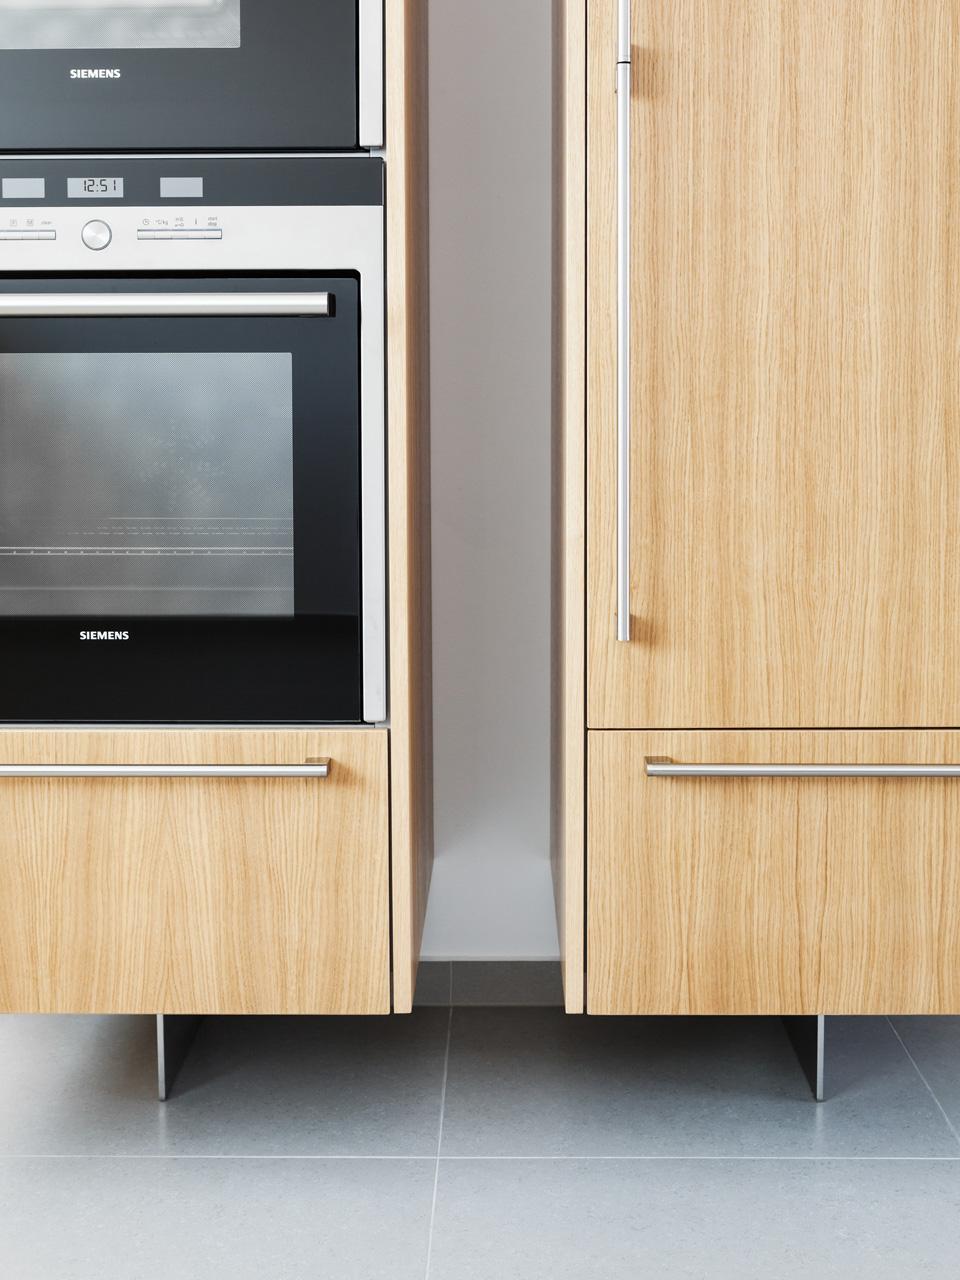 plan 3 kuchyně / Jednoduchý kuchyňský design / Krásný výhled